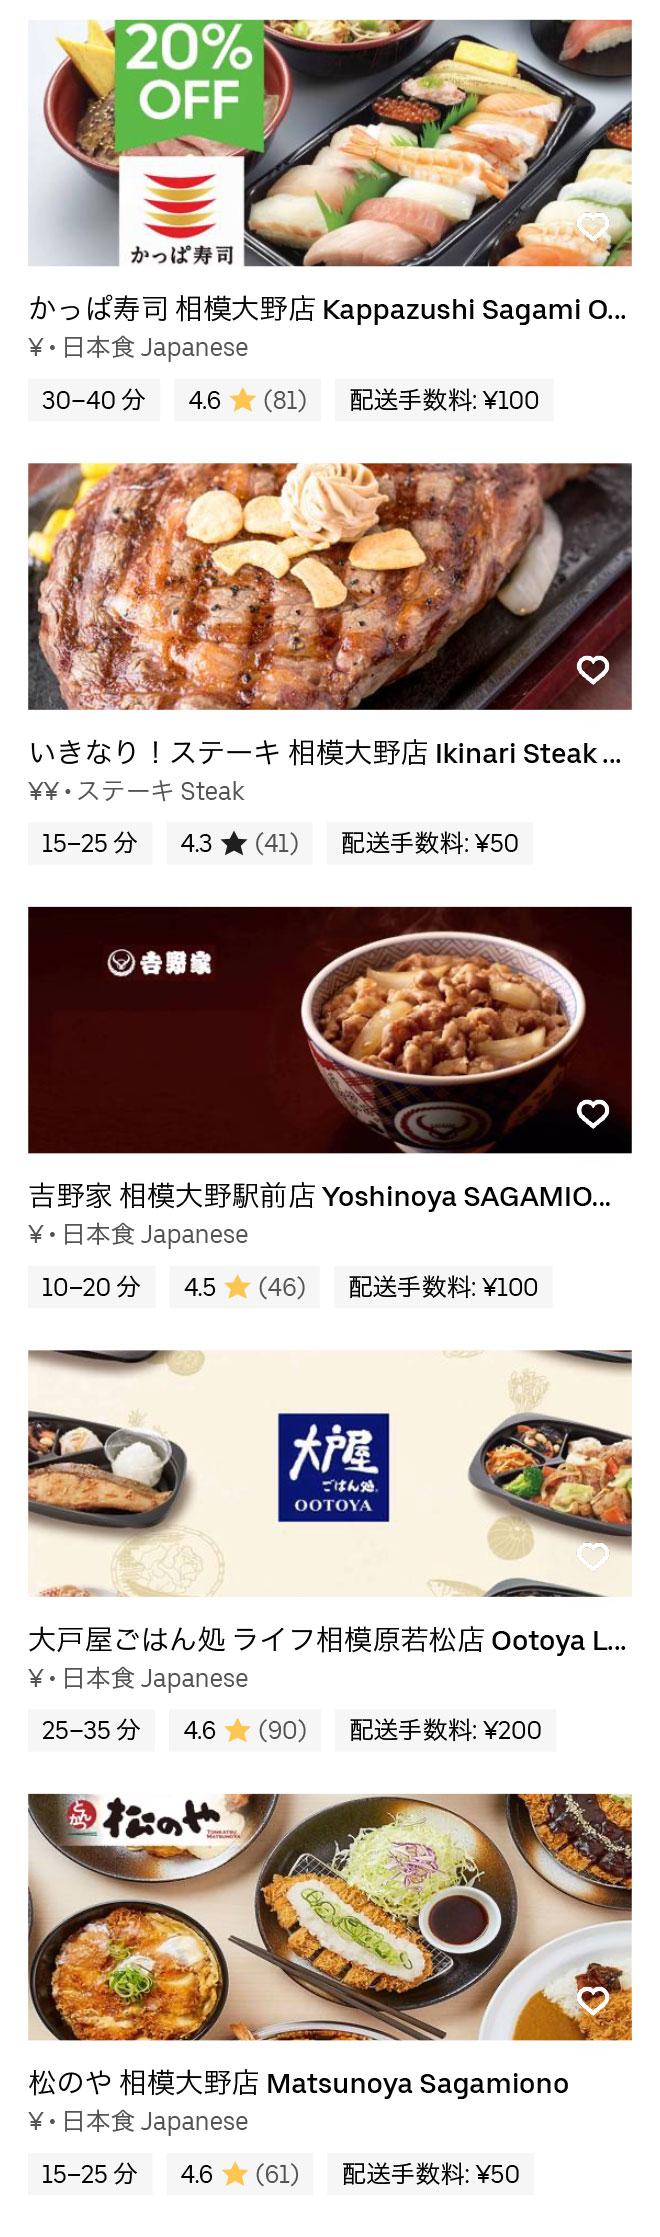 Tokyo machida sagamioono hy 200305